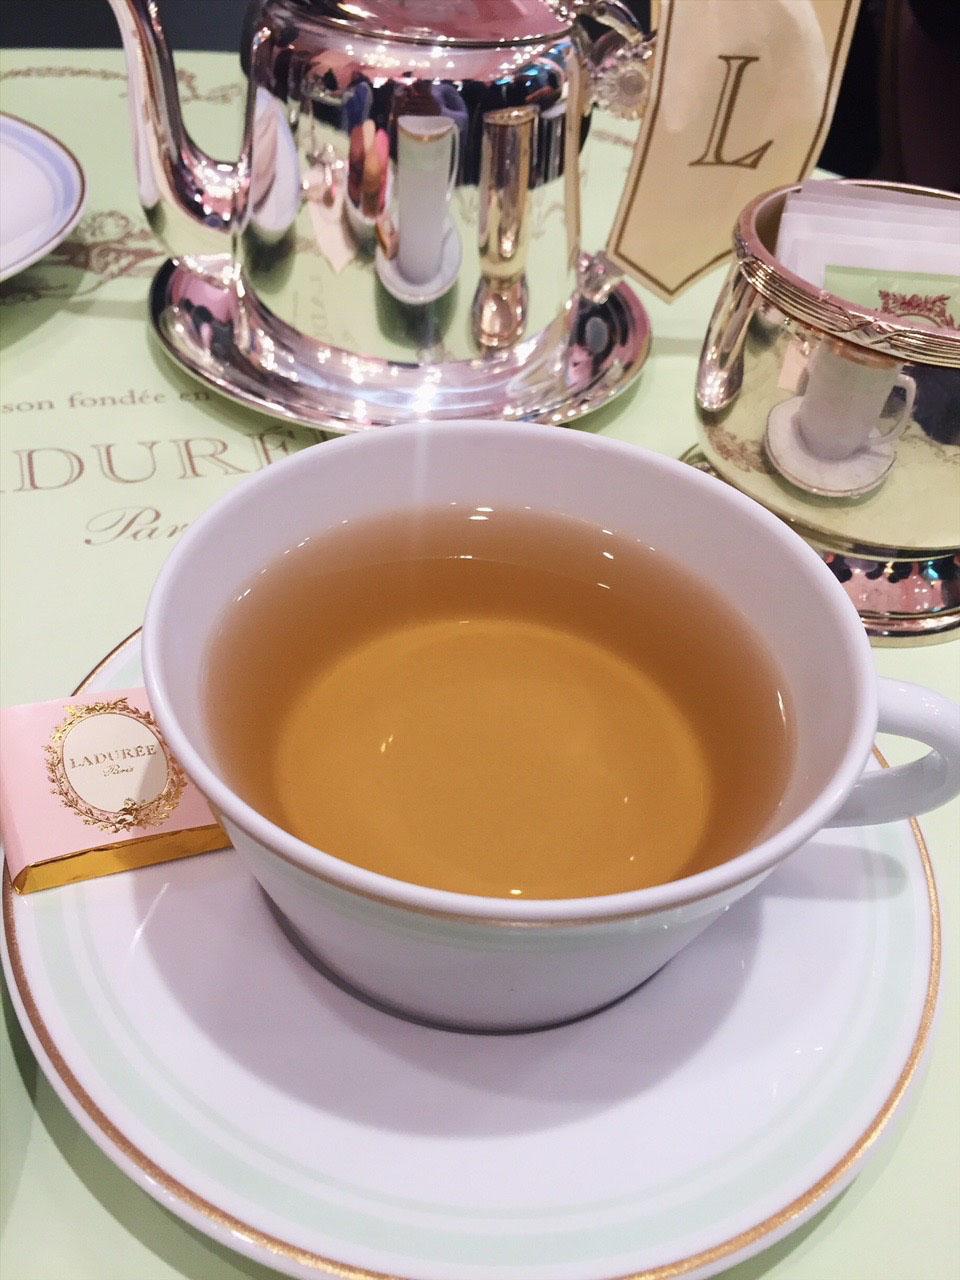 Marie Antoinette Tea at Ladurée Boutique and Tea Salon in Toronto